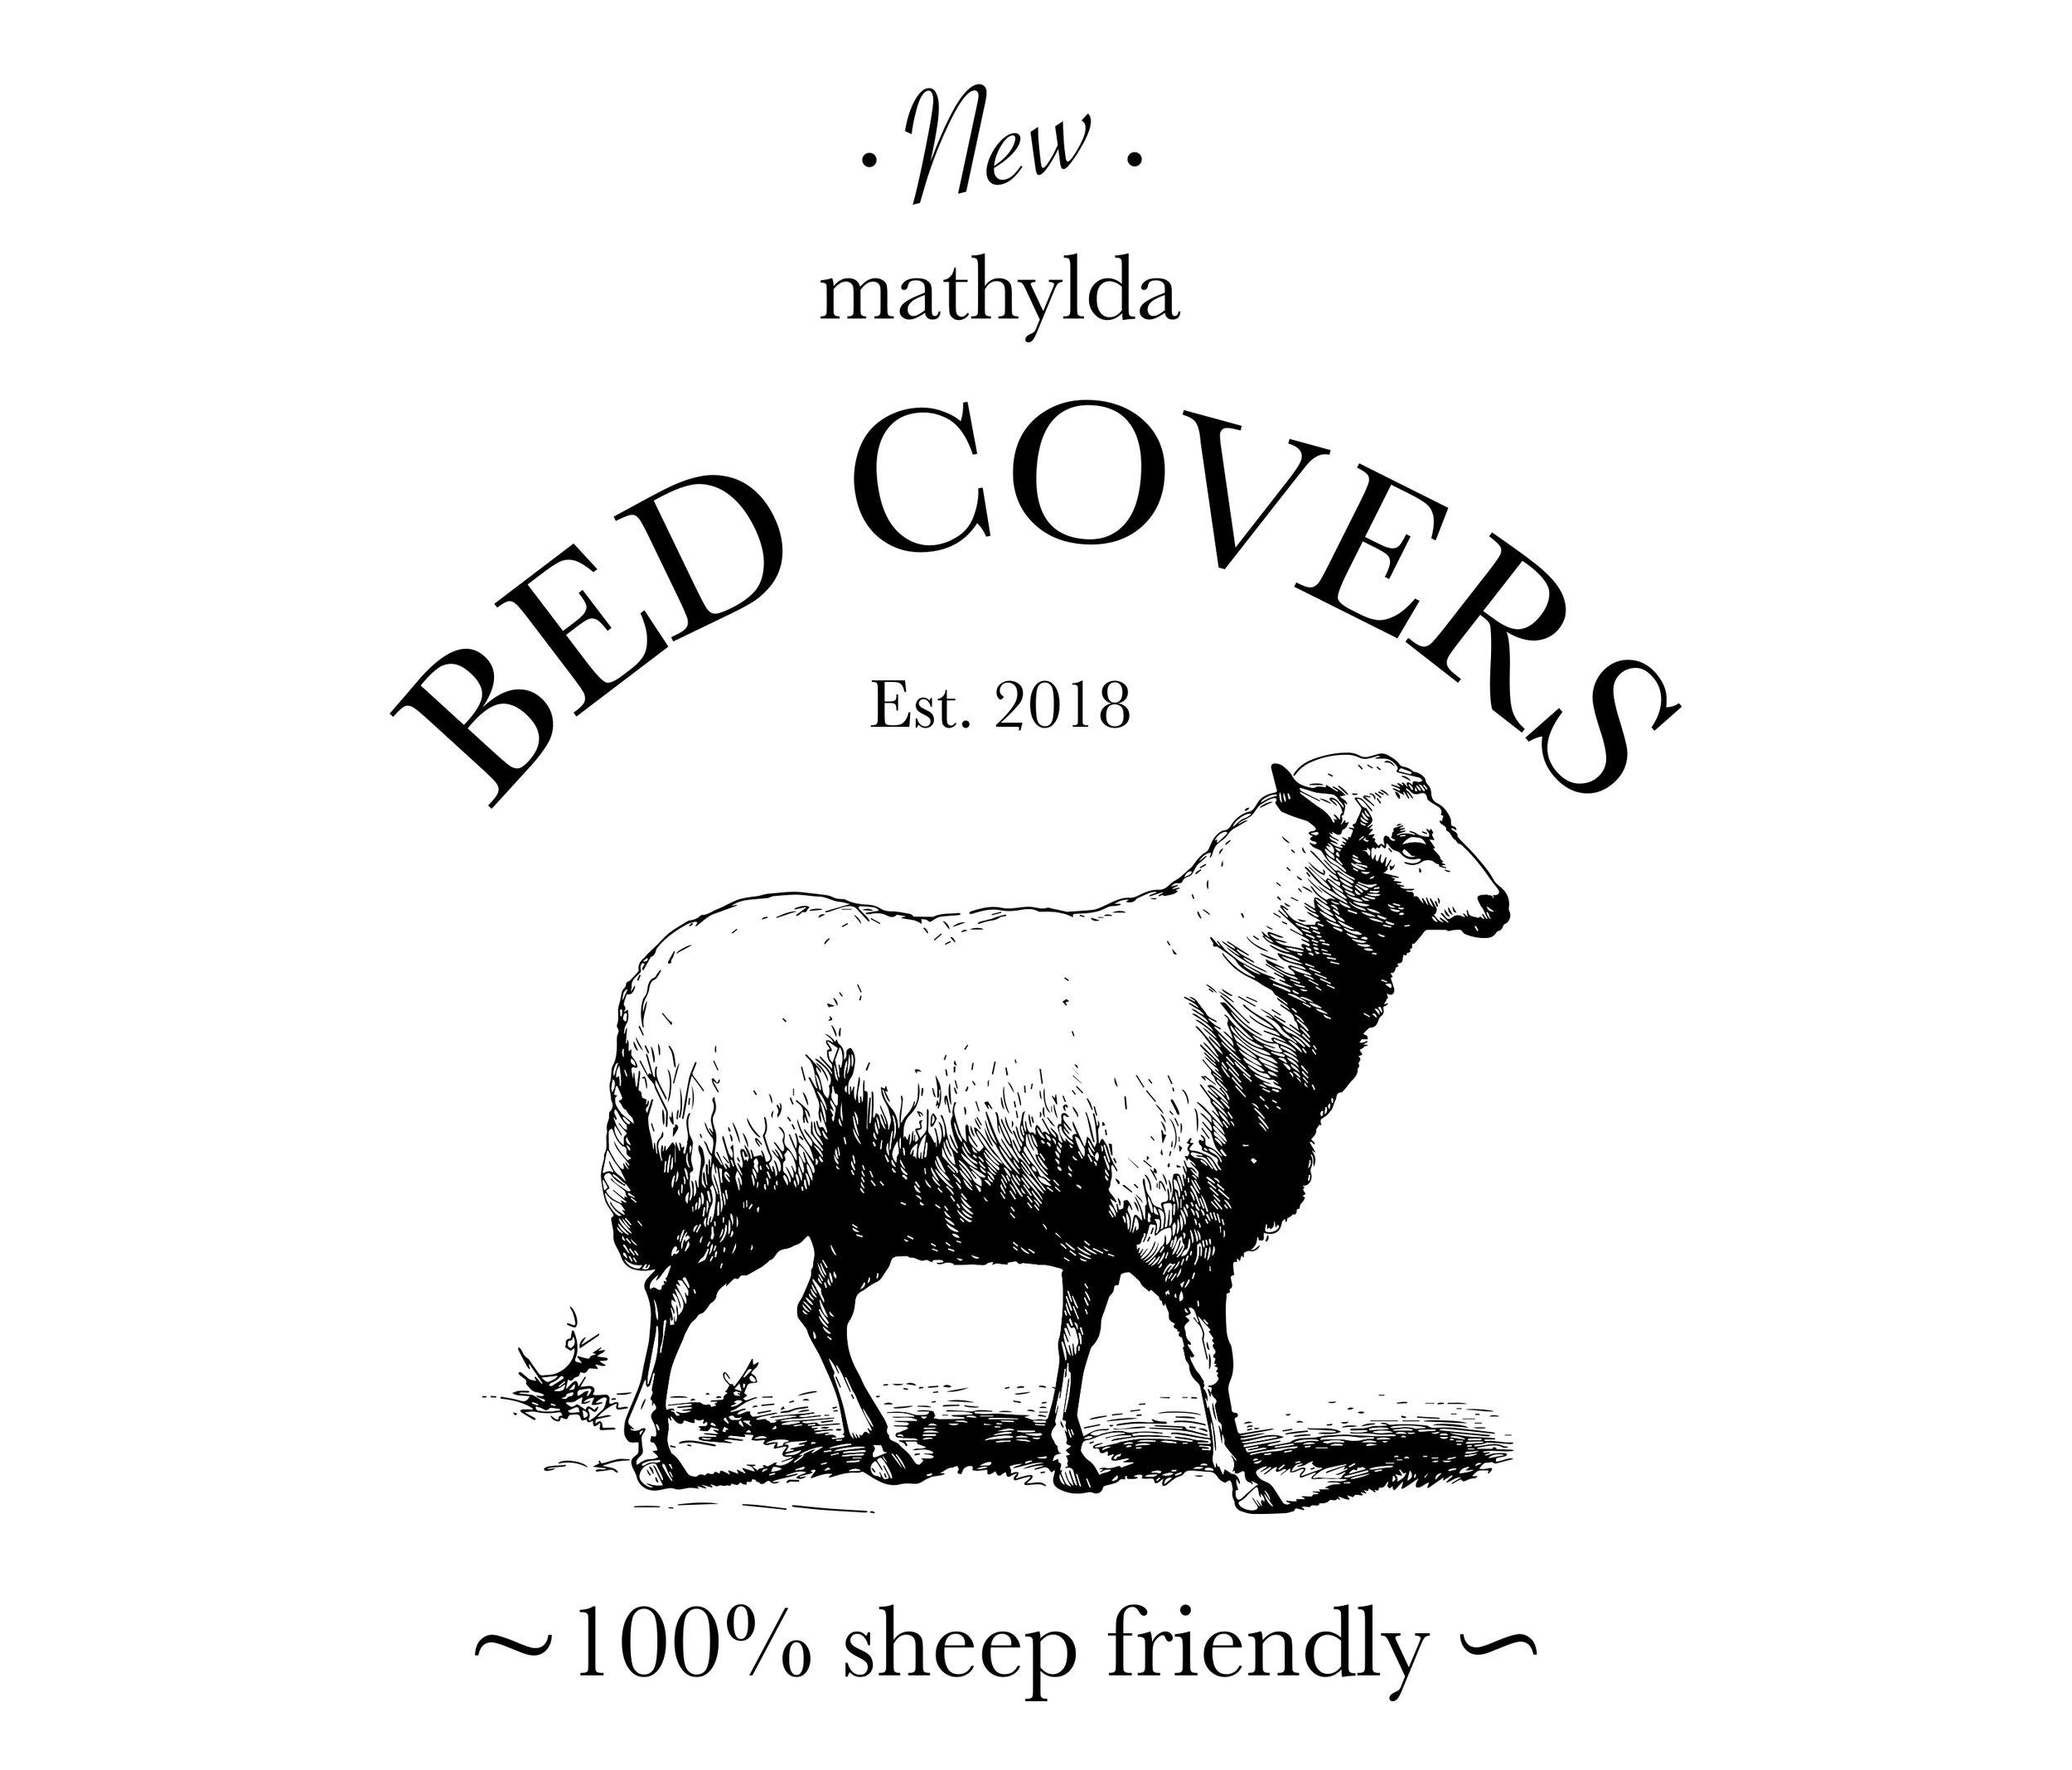 Sheep_bedcovers.jpg